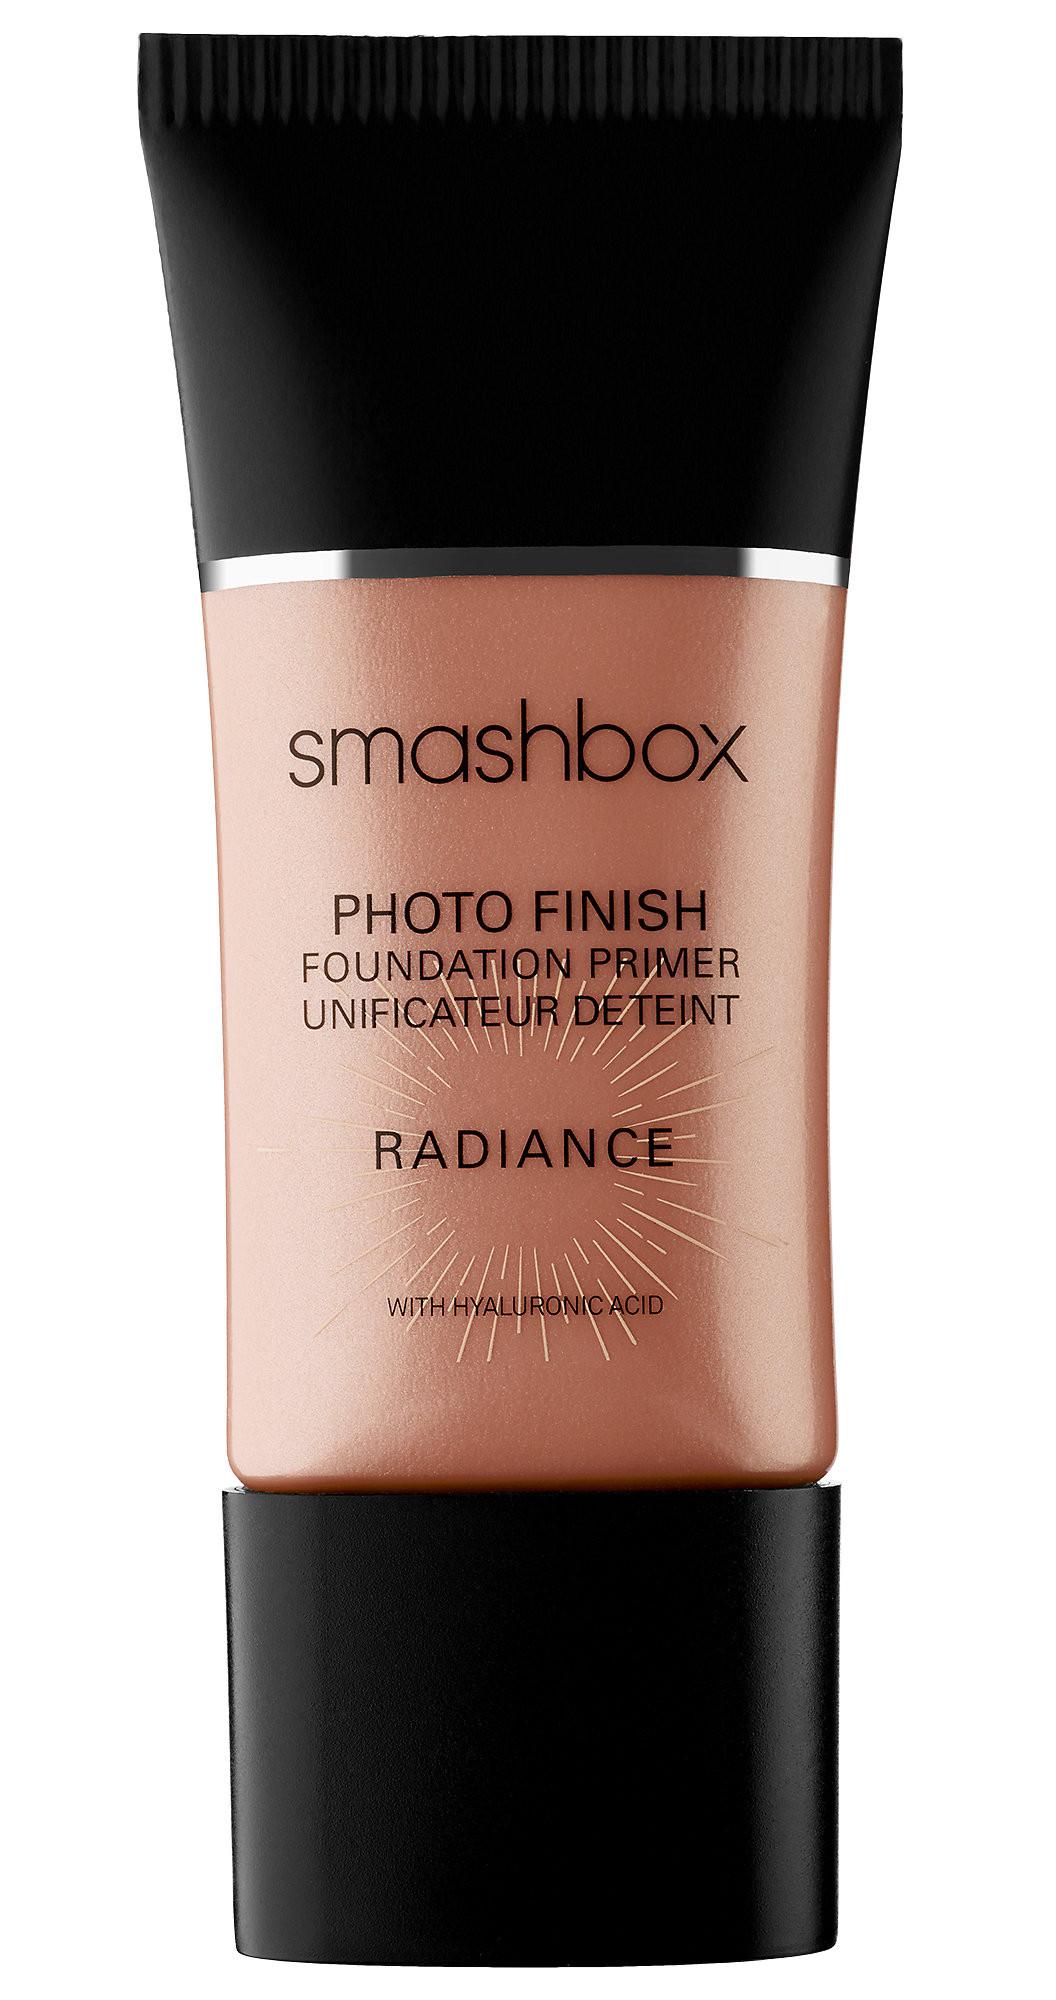 Smashbox Photo Finish Foundation Primer Radiance With Hyaluronic